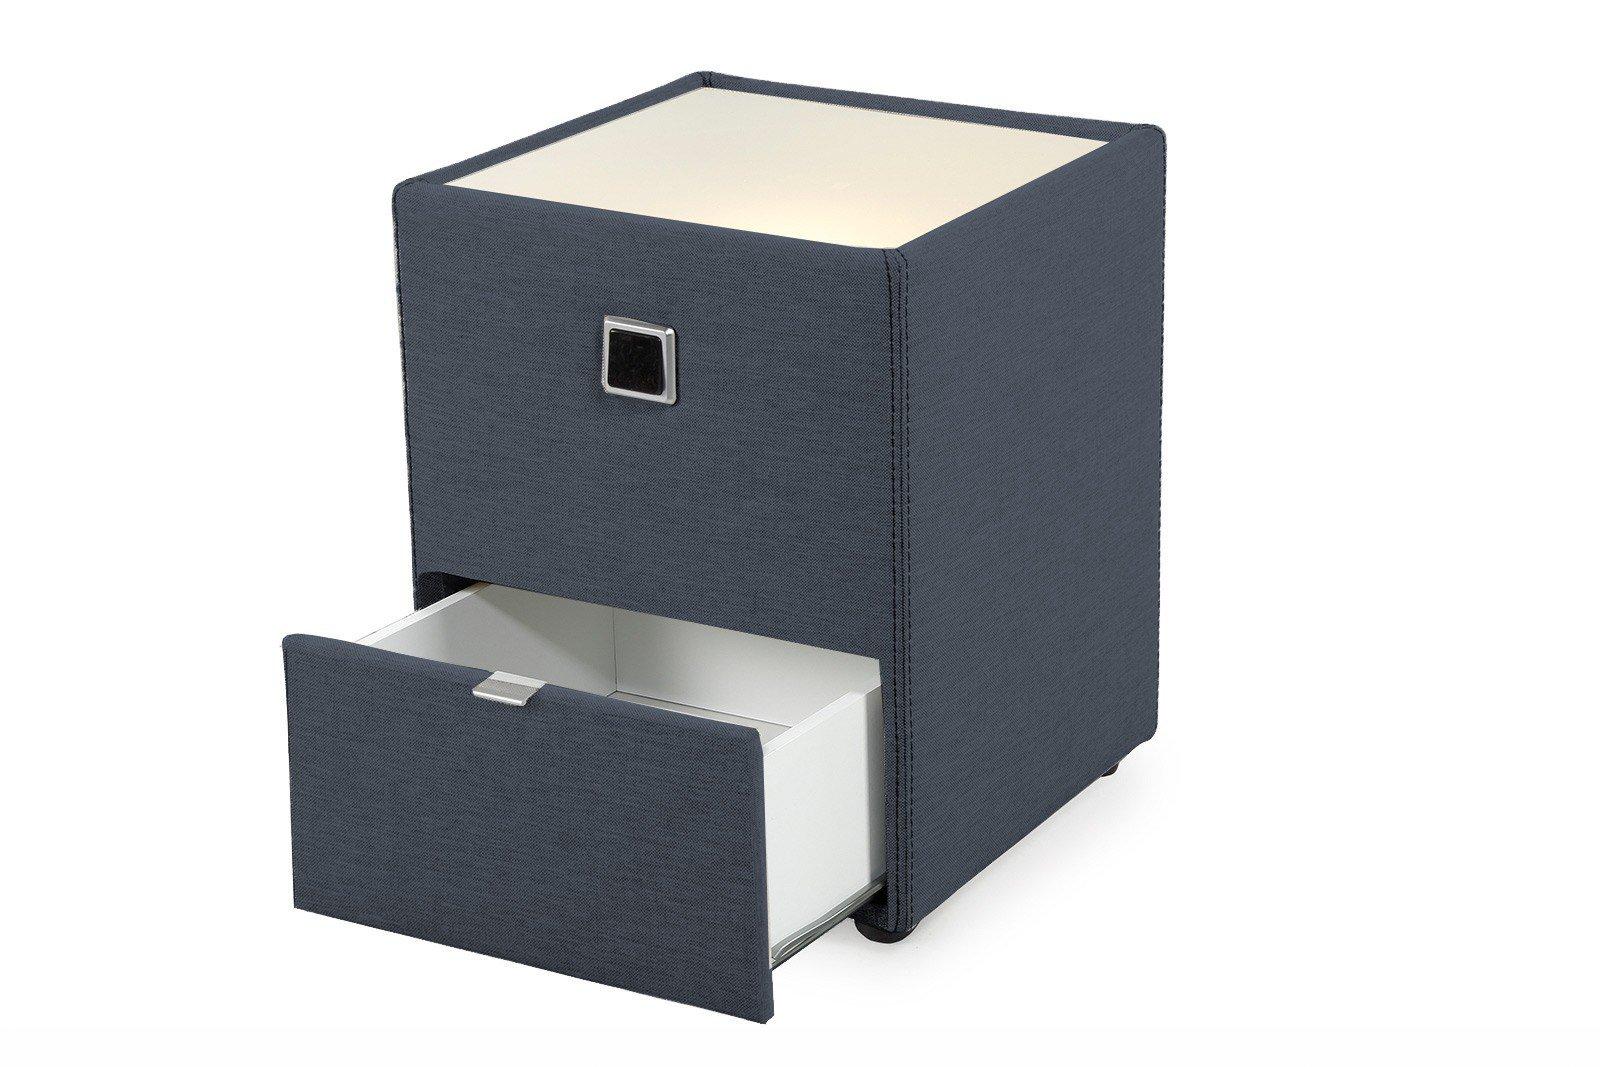 jockenh fer lancy nachtkonsole in blau mit beleuchtung in der ablagefl che m bel letz ihr. Black Bedroom Furniture Sets. Home Design Ideas